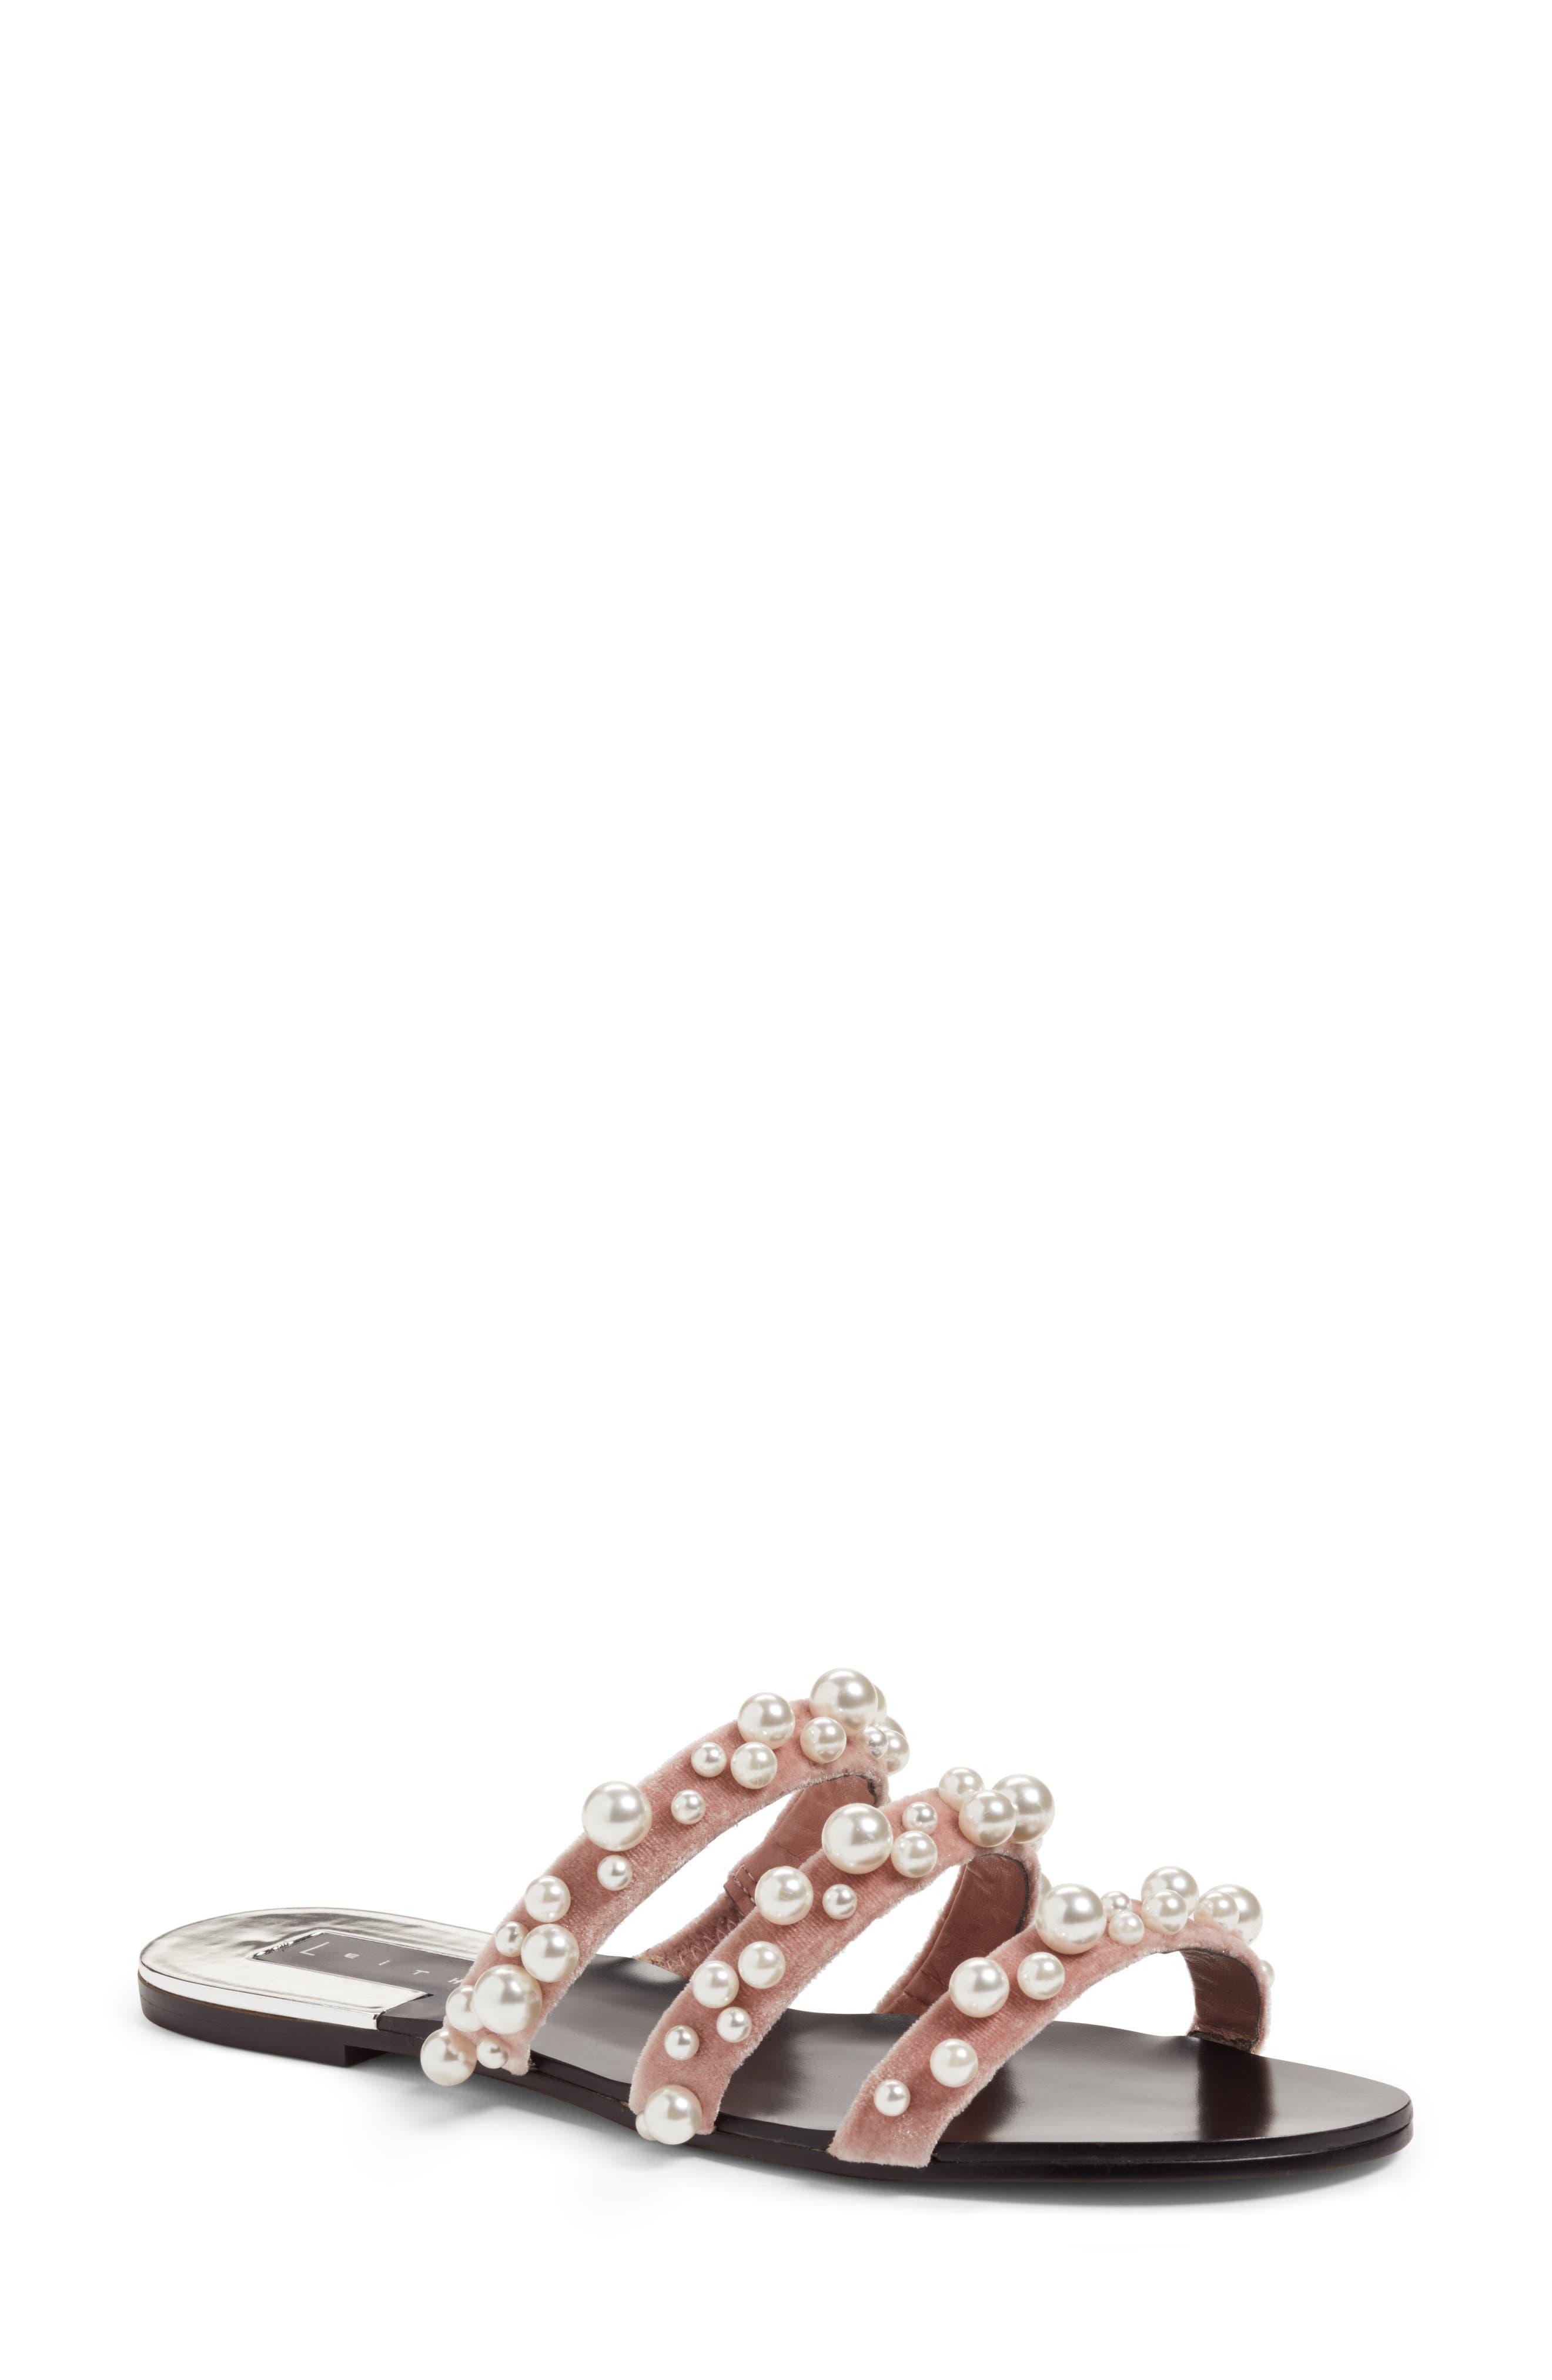 LEITH, Stunner Embellished Strappy Slide Sandal, Main thumbnail 1, color, BLUSH VELVET